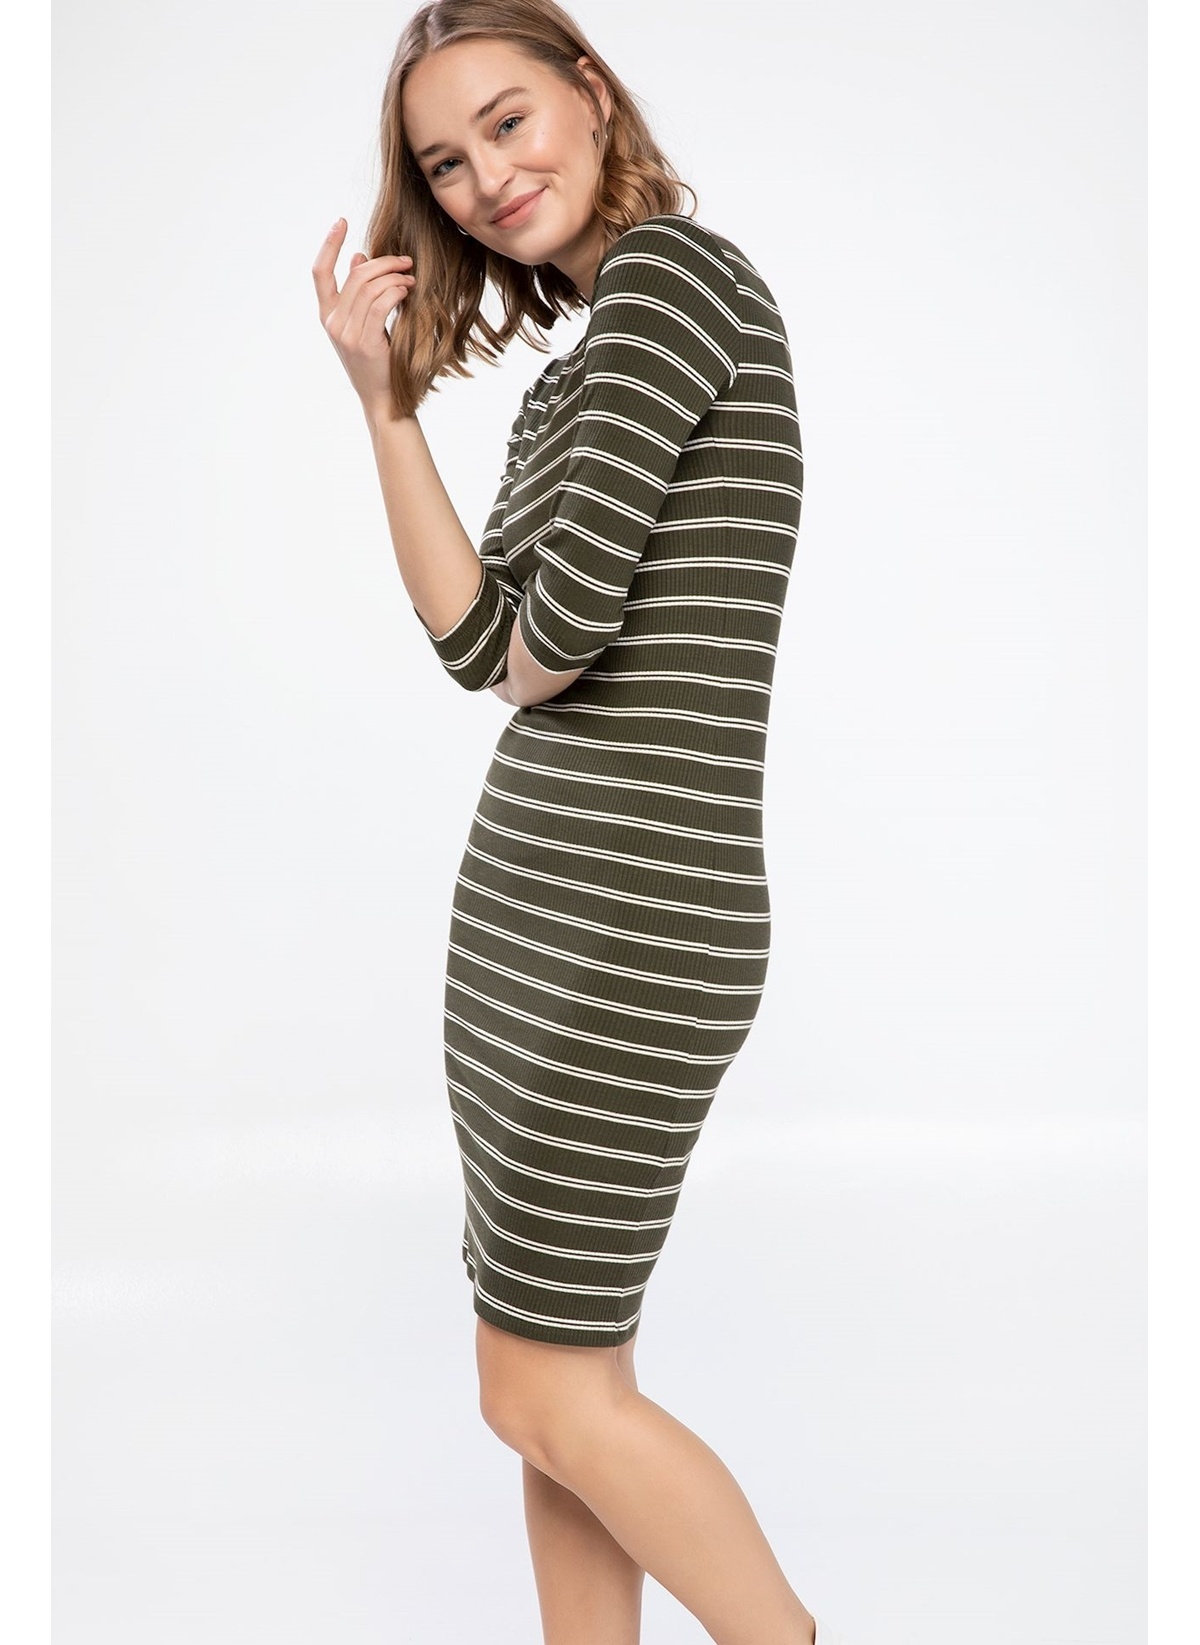 Defacto Yatay Çizgili Slim Fit Elbise K6751az19spkh211elbise – 69.99 TL